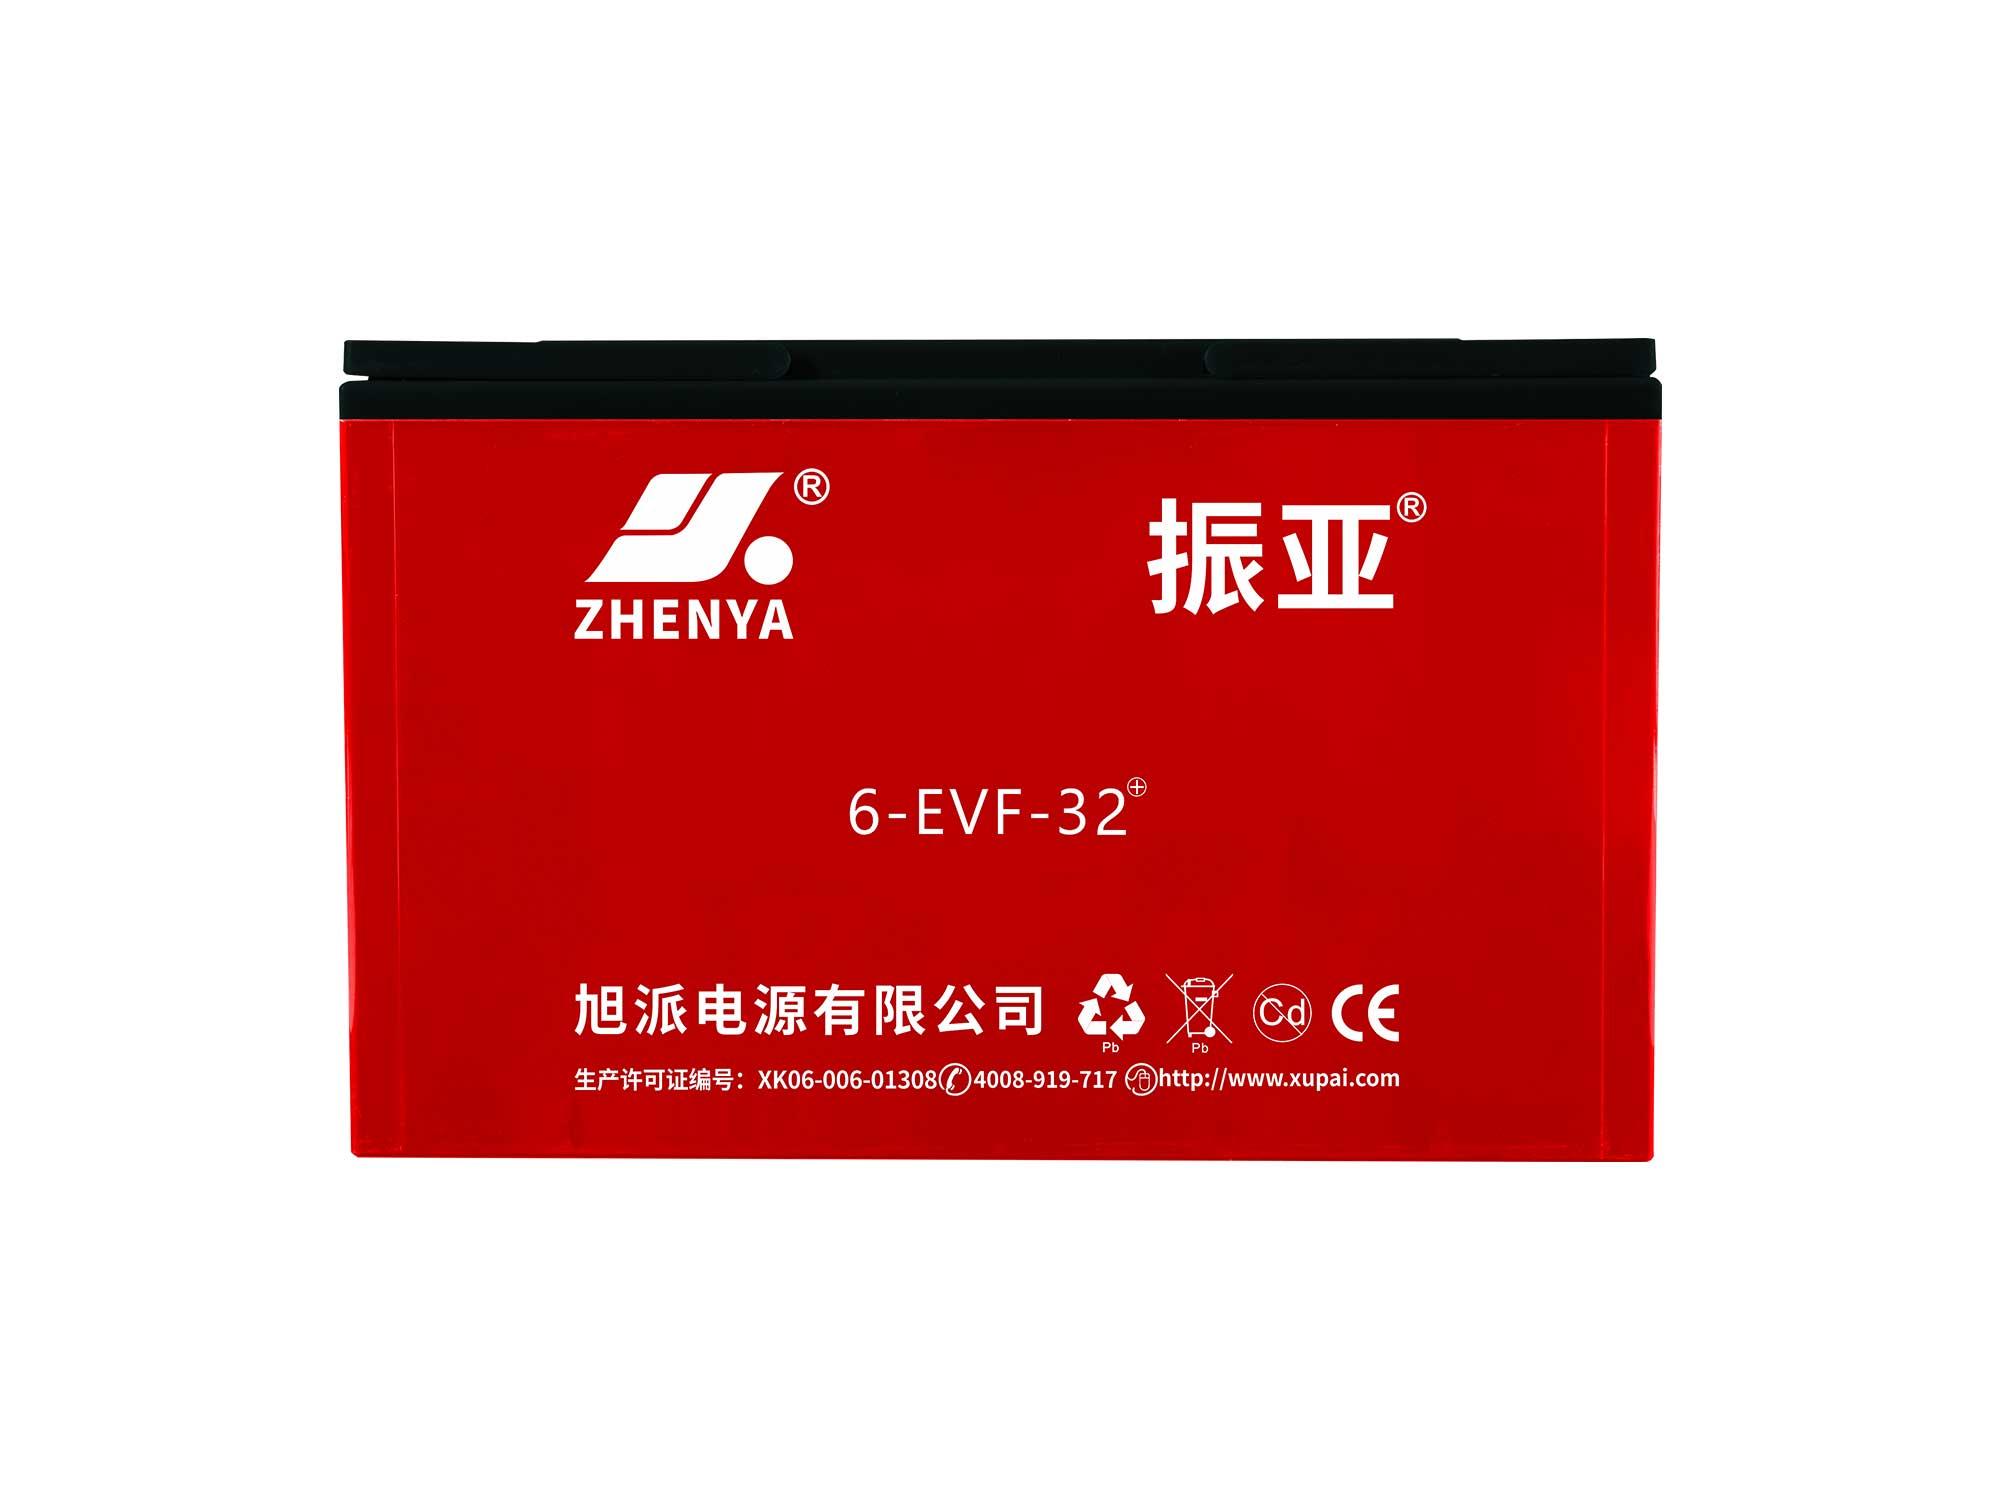 振亚6-EVF-32+电动车电池